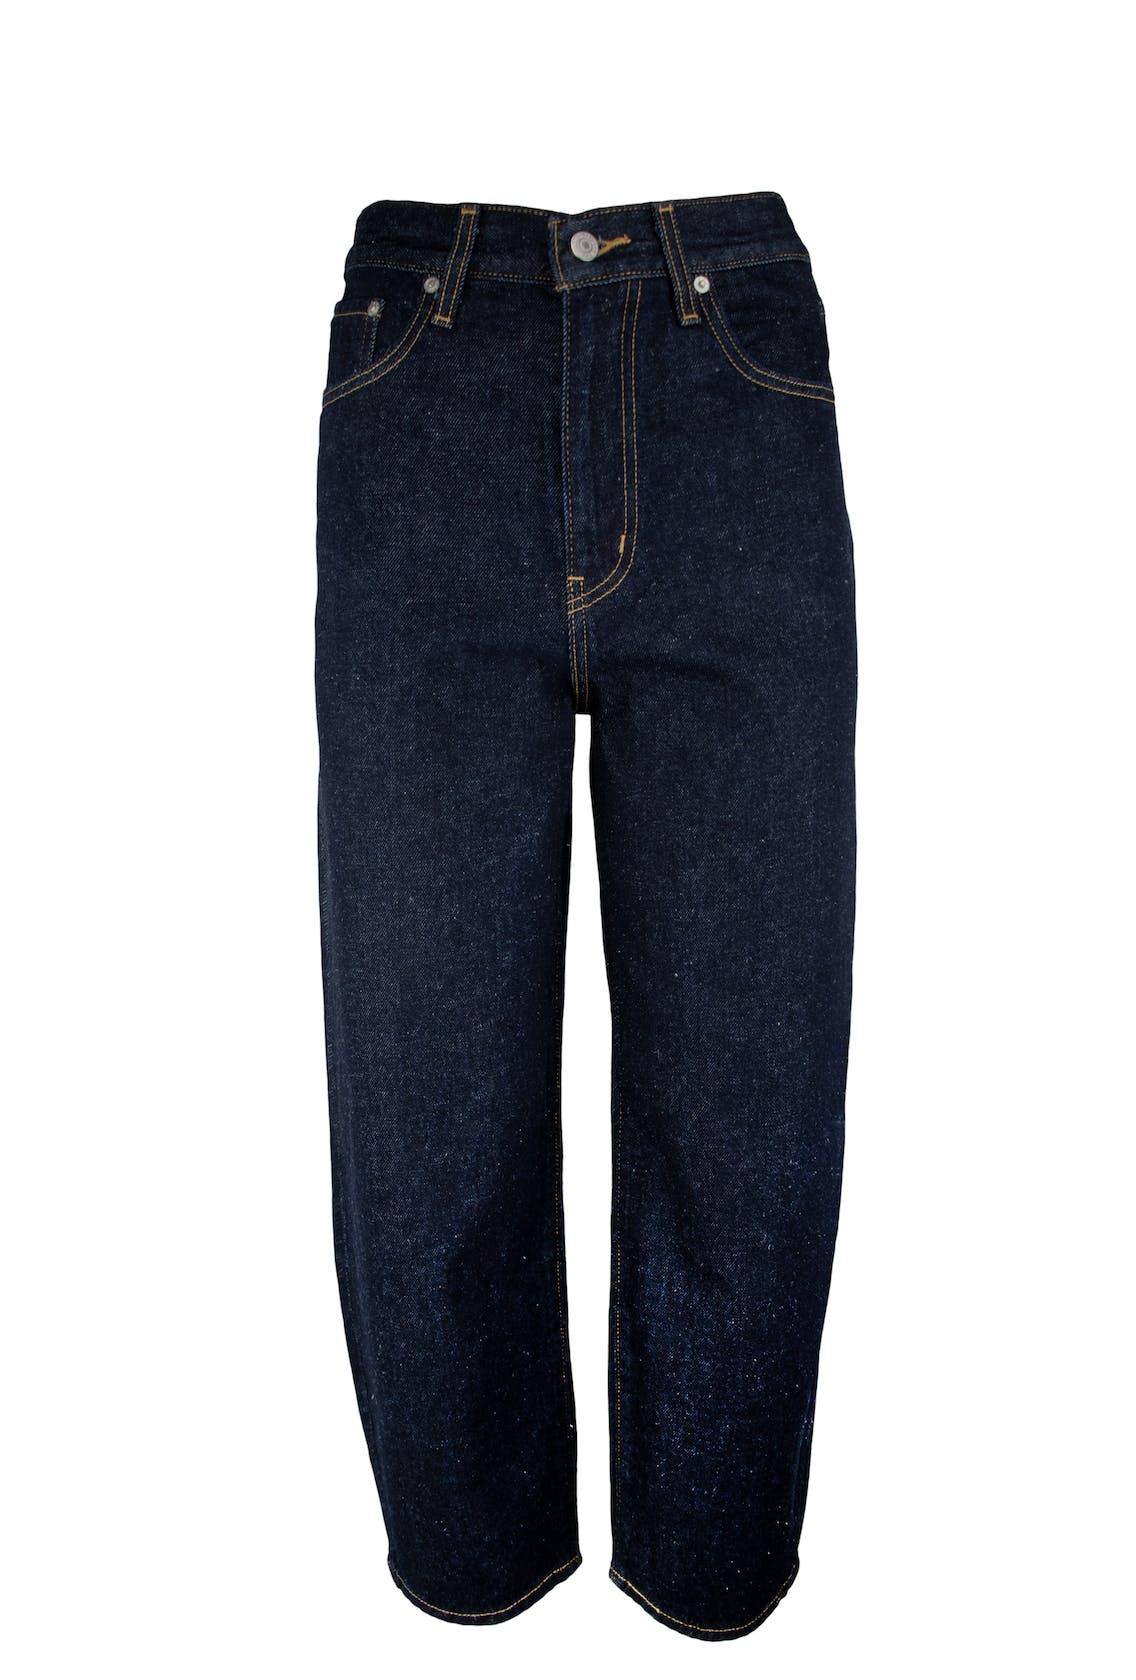 dunkelblaue Balloon-Jeans von Levi's für Damen